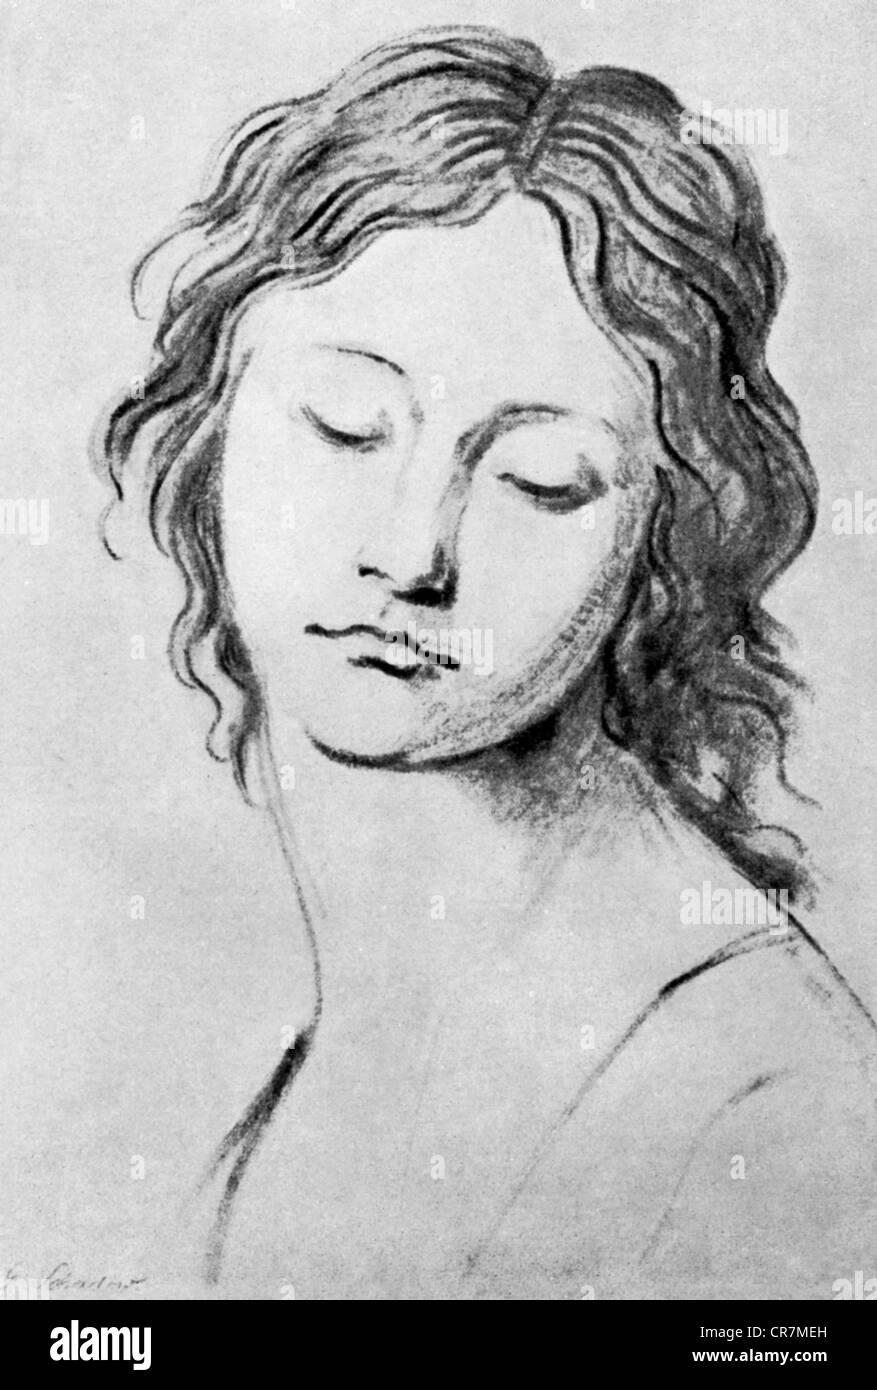 Schadow, Johann Gottfried, 20.5.1764 - 27.1.1850, deutscher Bildhauer und Grafiker, Werke, Porträt einer jungen Stockfoto